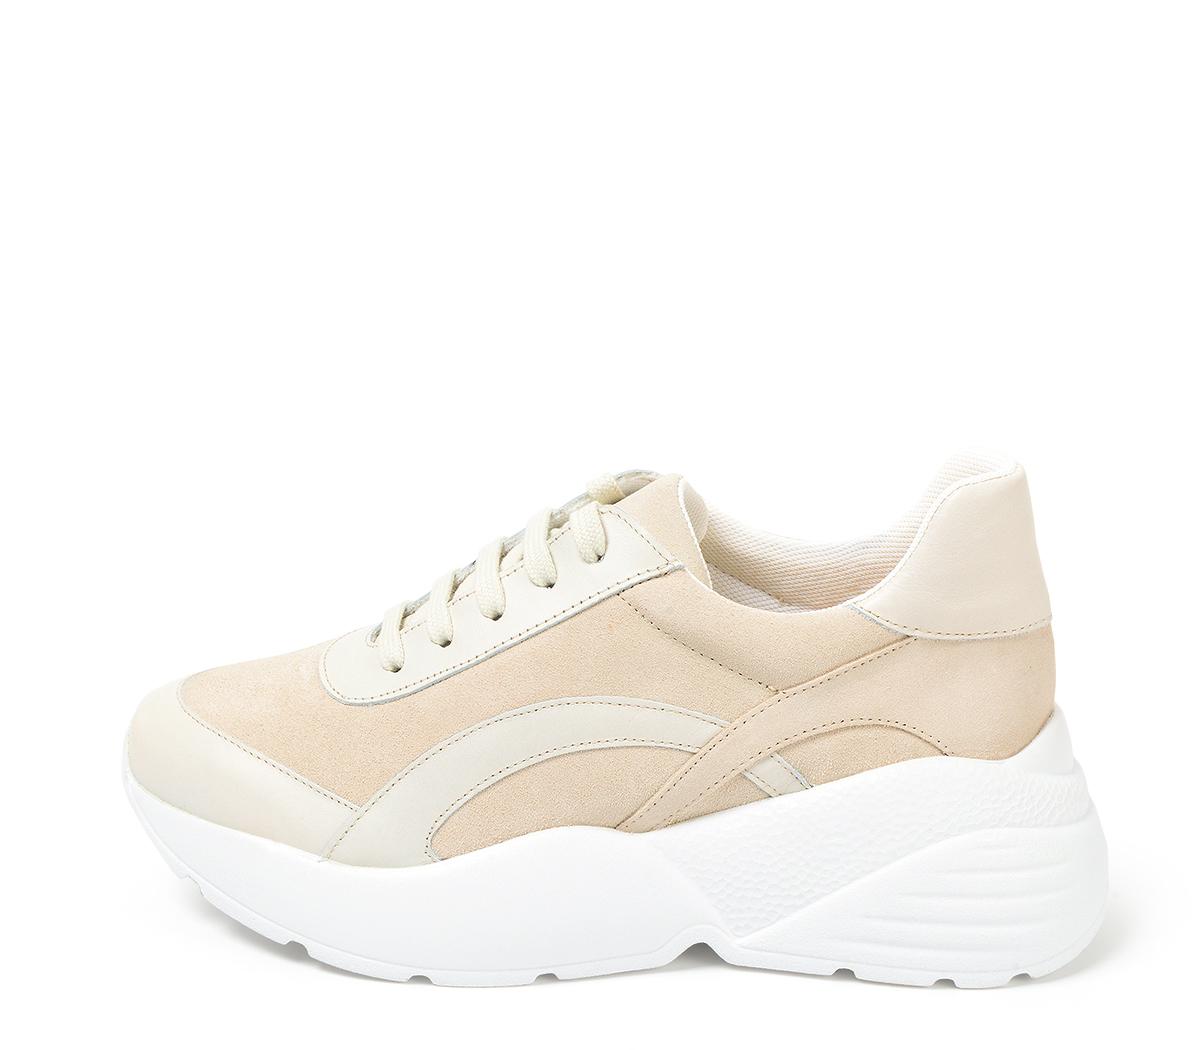 Ref. 4284 Sneaker combinada con serraje y piel arena. Altura plataforma trasera 6 cm y plataforma delantera 3 cm. Suela blanca.